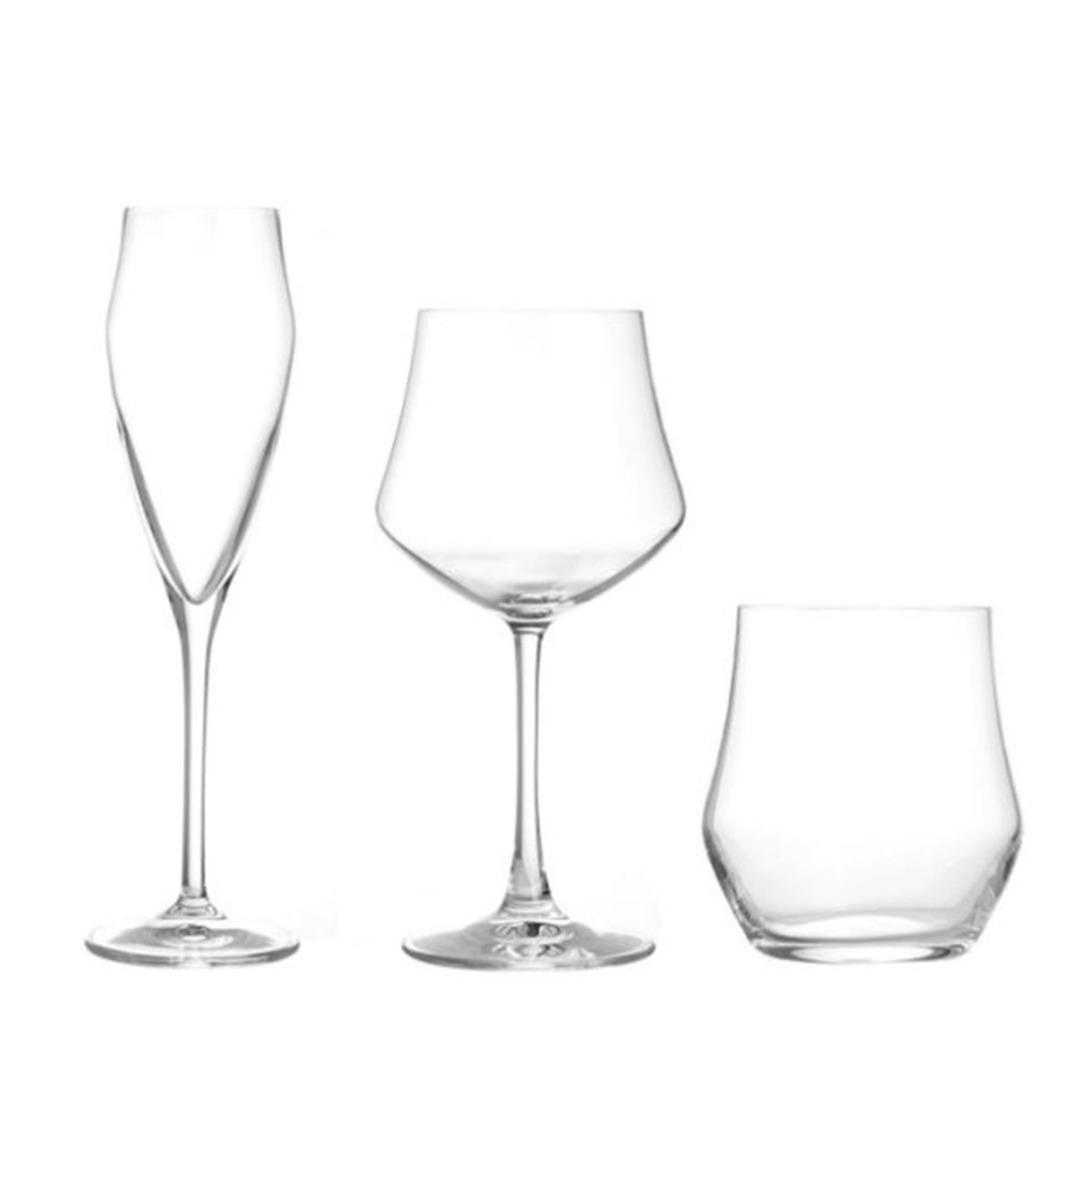 Calici Vino E Acqua set 18 bicchieri calici flute ego acqua vino 18cl 43cl 39cl vetro cristallo  rcr giosal